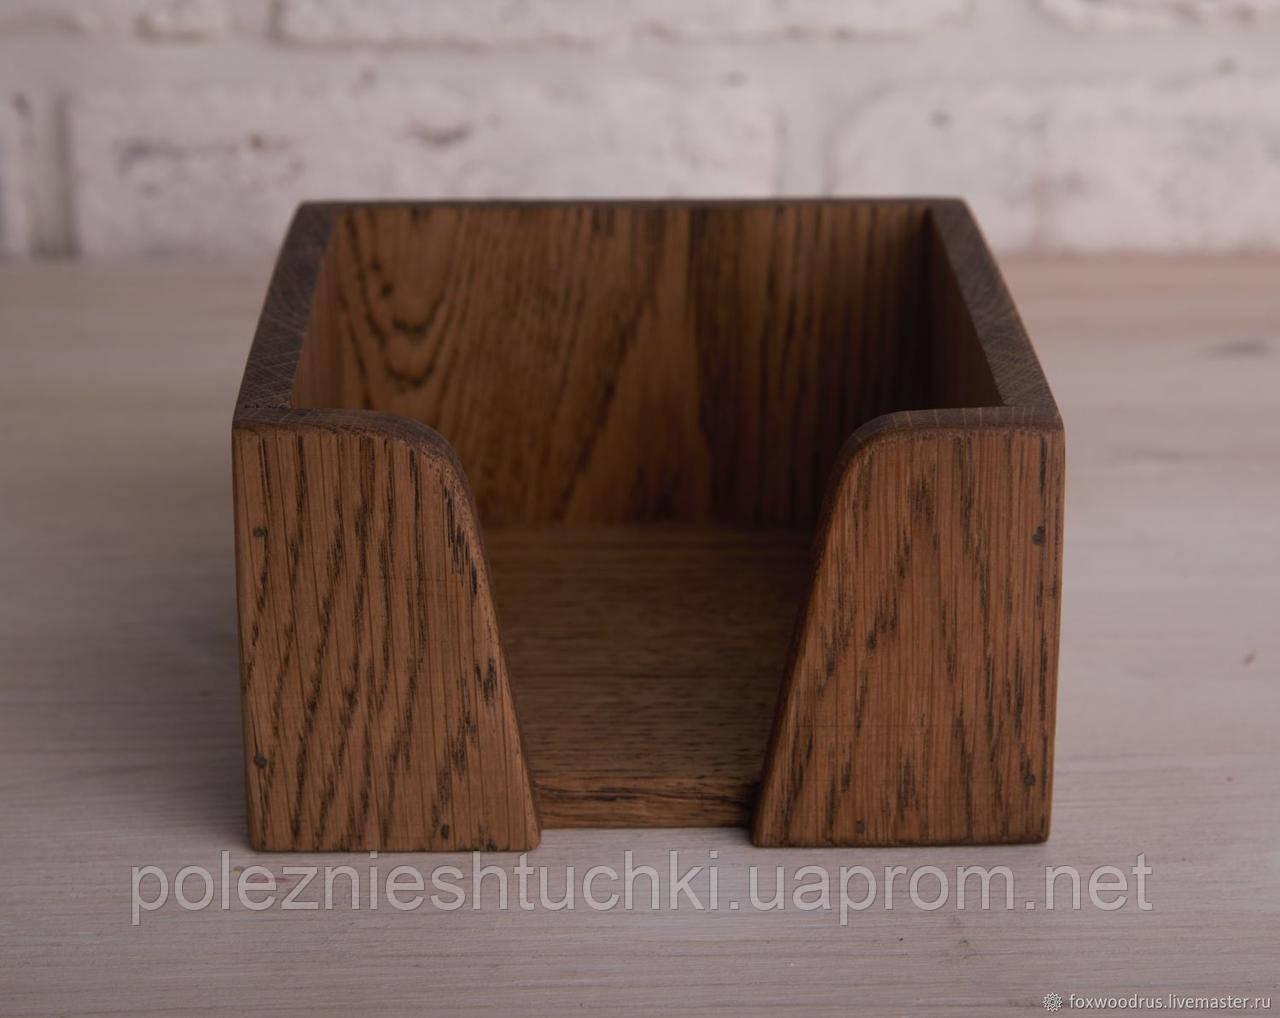 Салфетница/подставка для салфеток 14,5х14,5х8 см. деревянная, из дуба